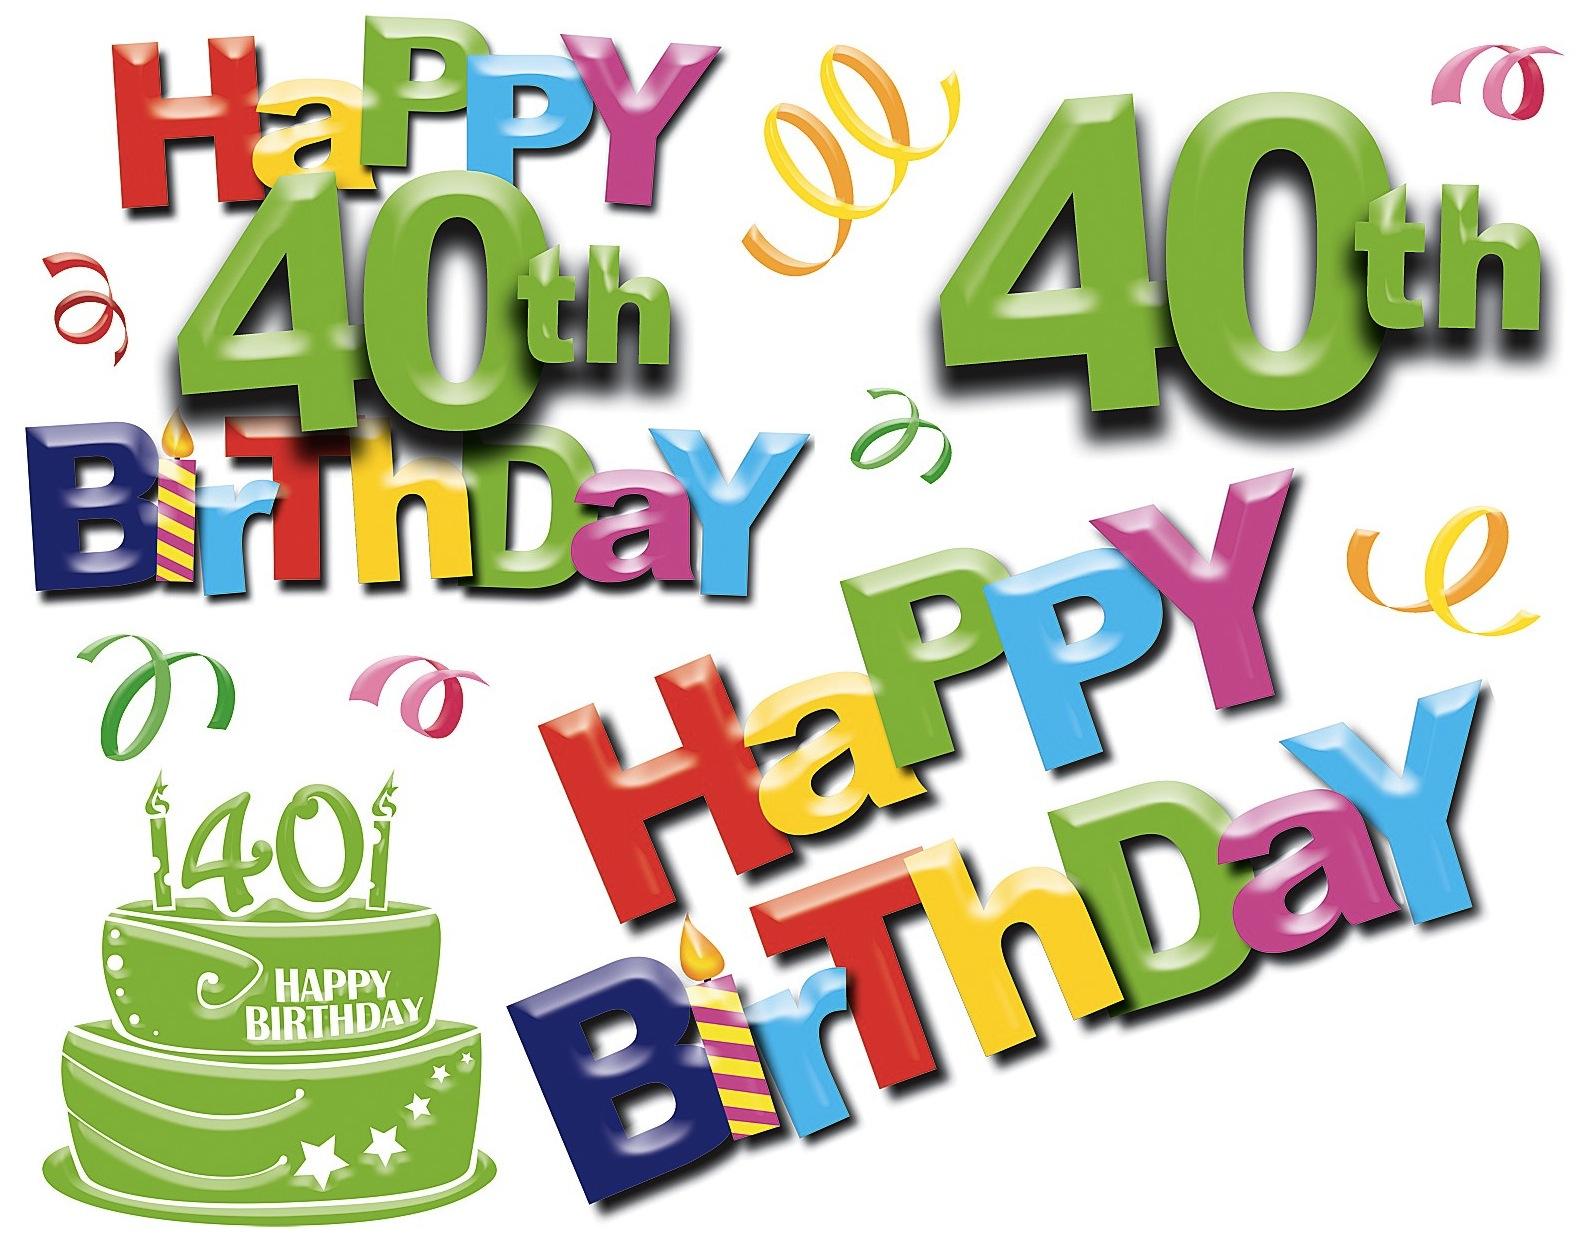 grattis på 40 Jättegrattis till brorsan som blir 40 idag! | OC living by: Sara grattis på 40